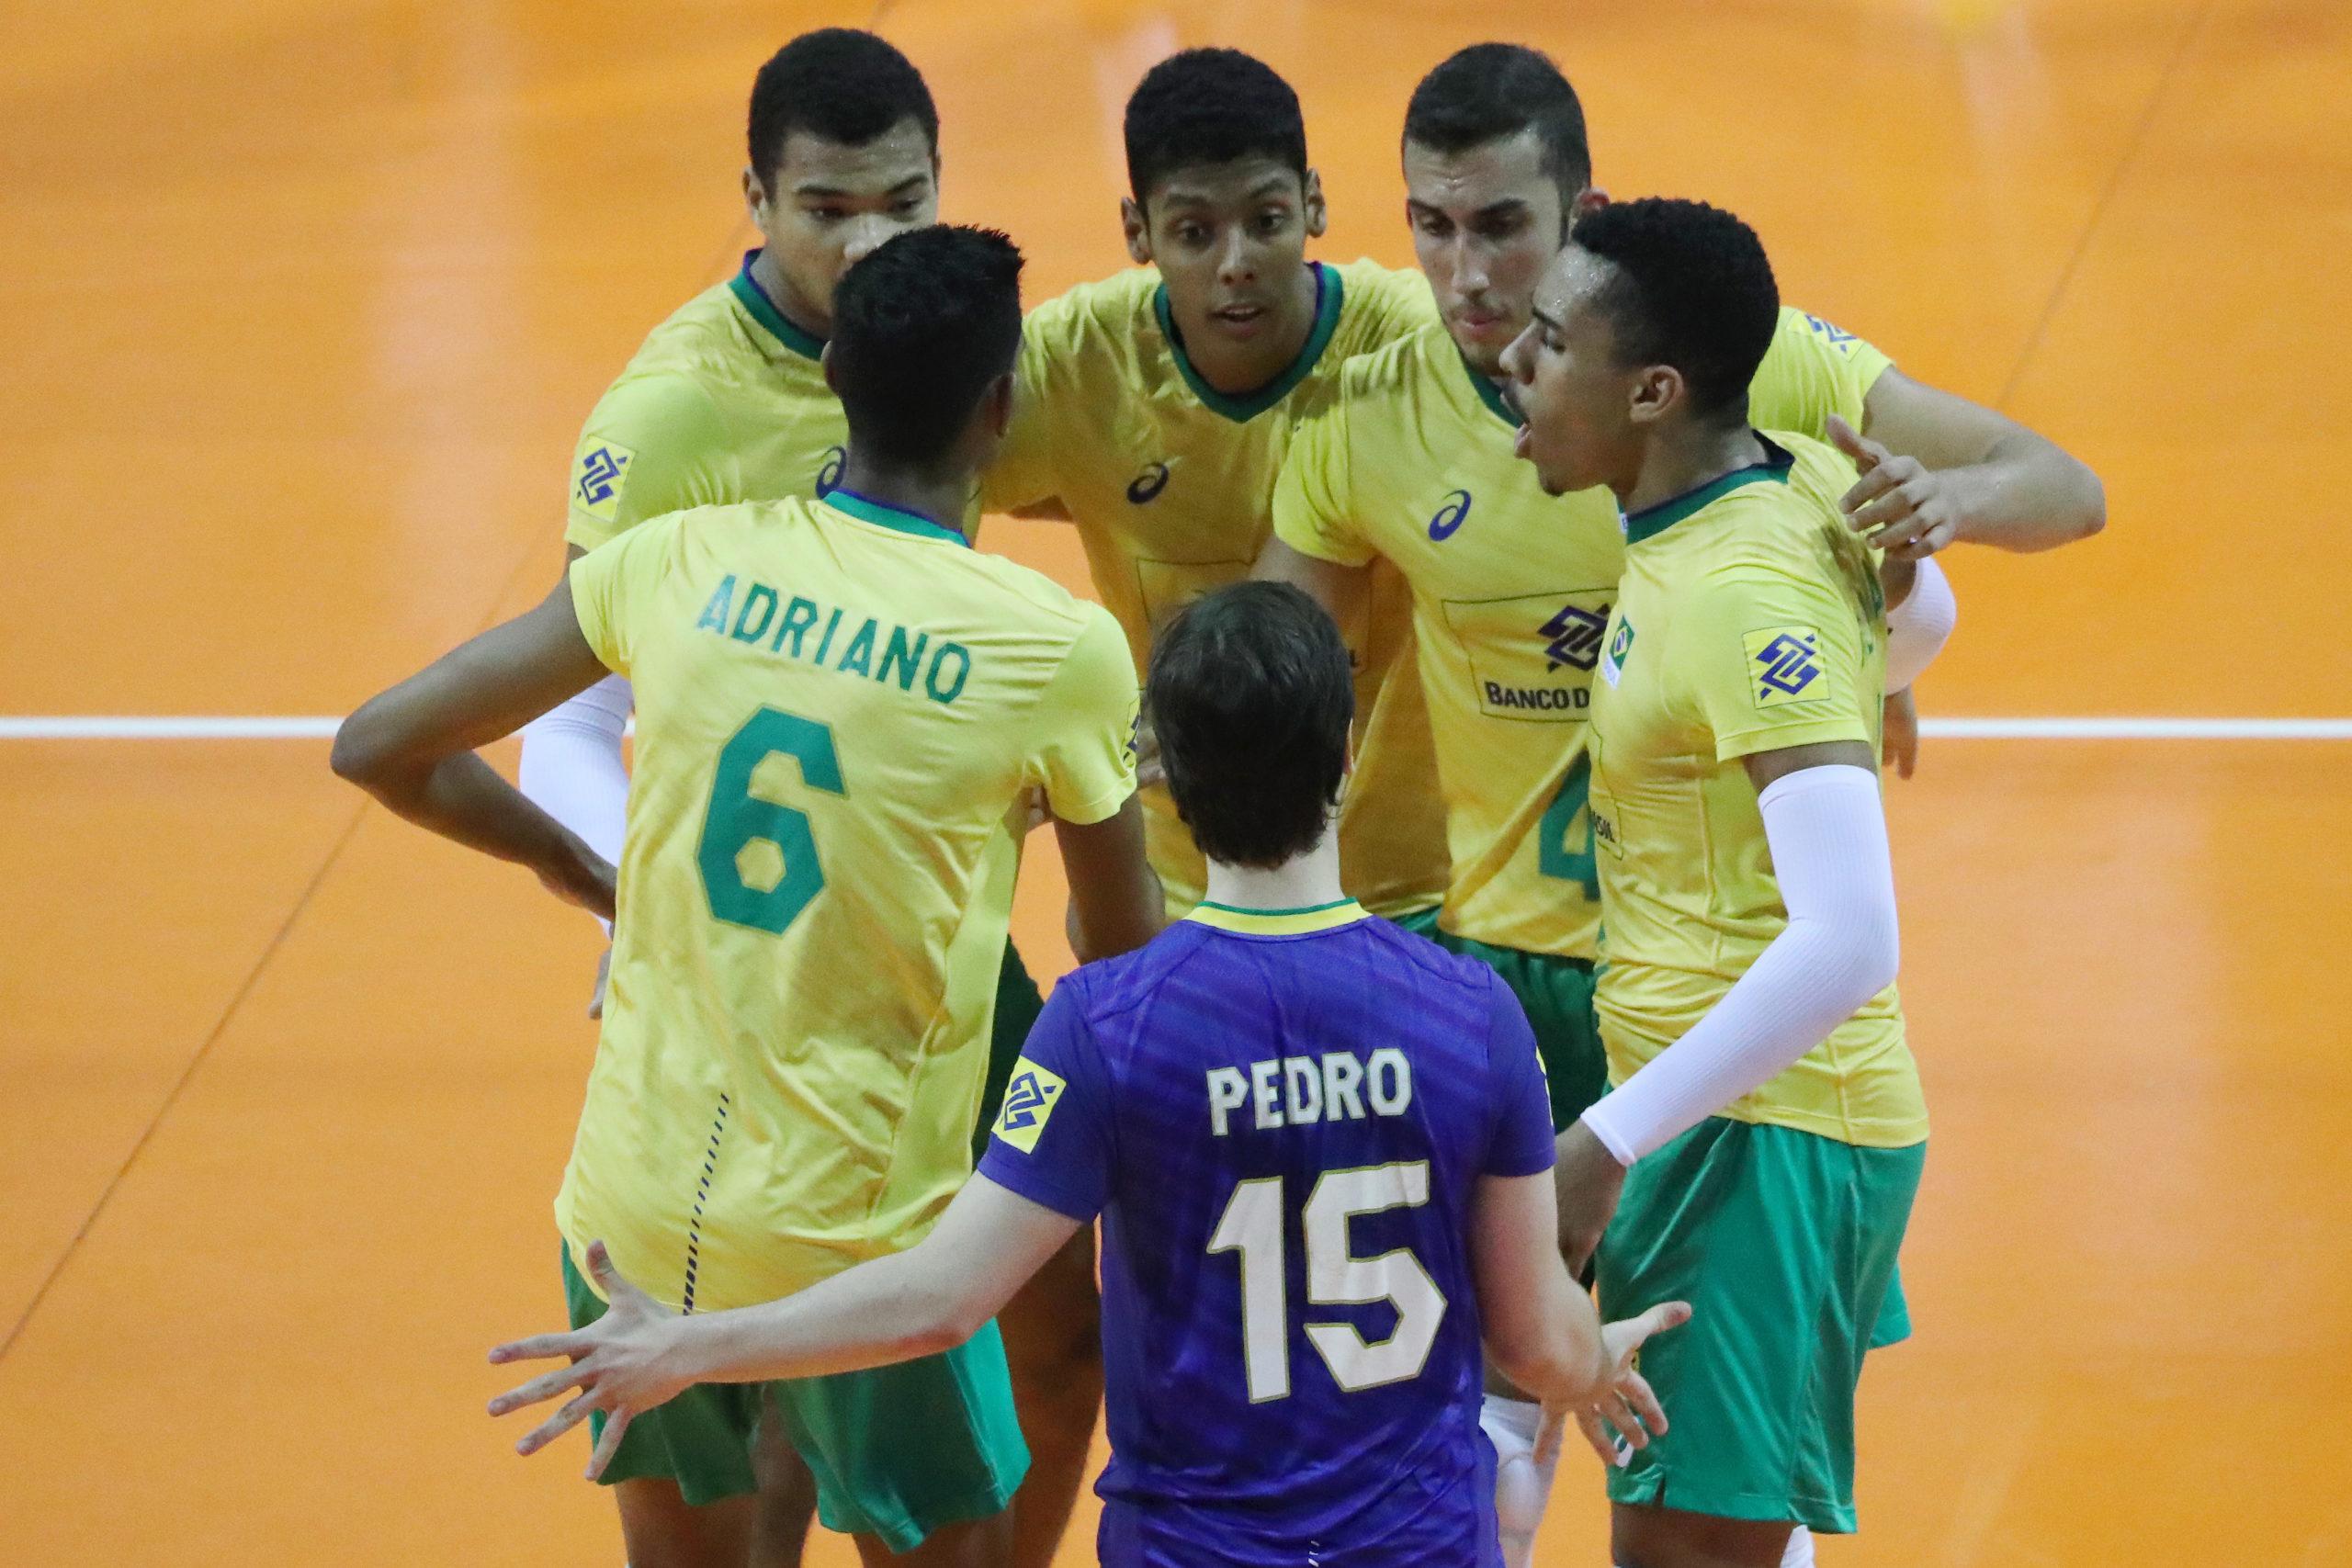 Brasil enfrenta a Bulgária nas oitavas de final do Mundial sub-19